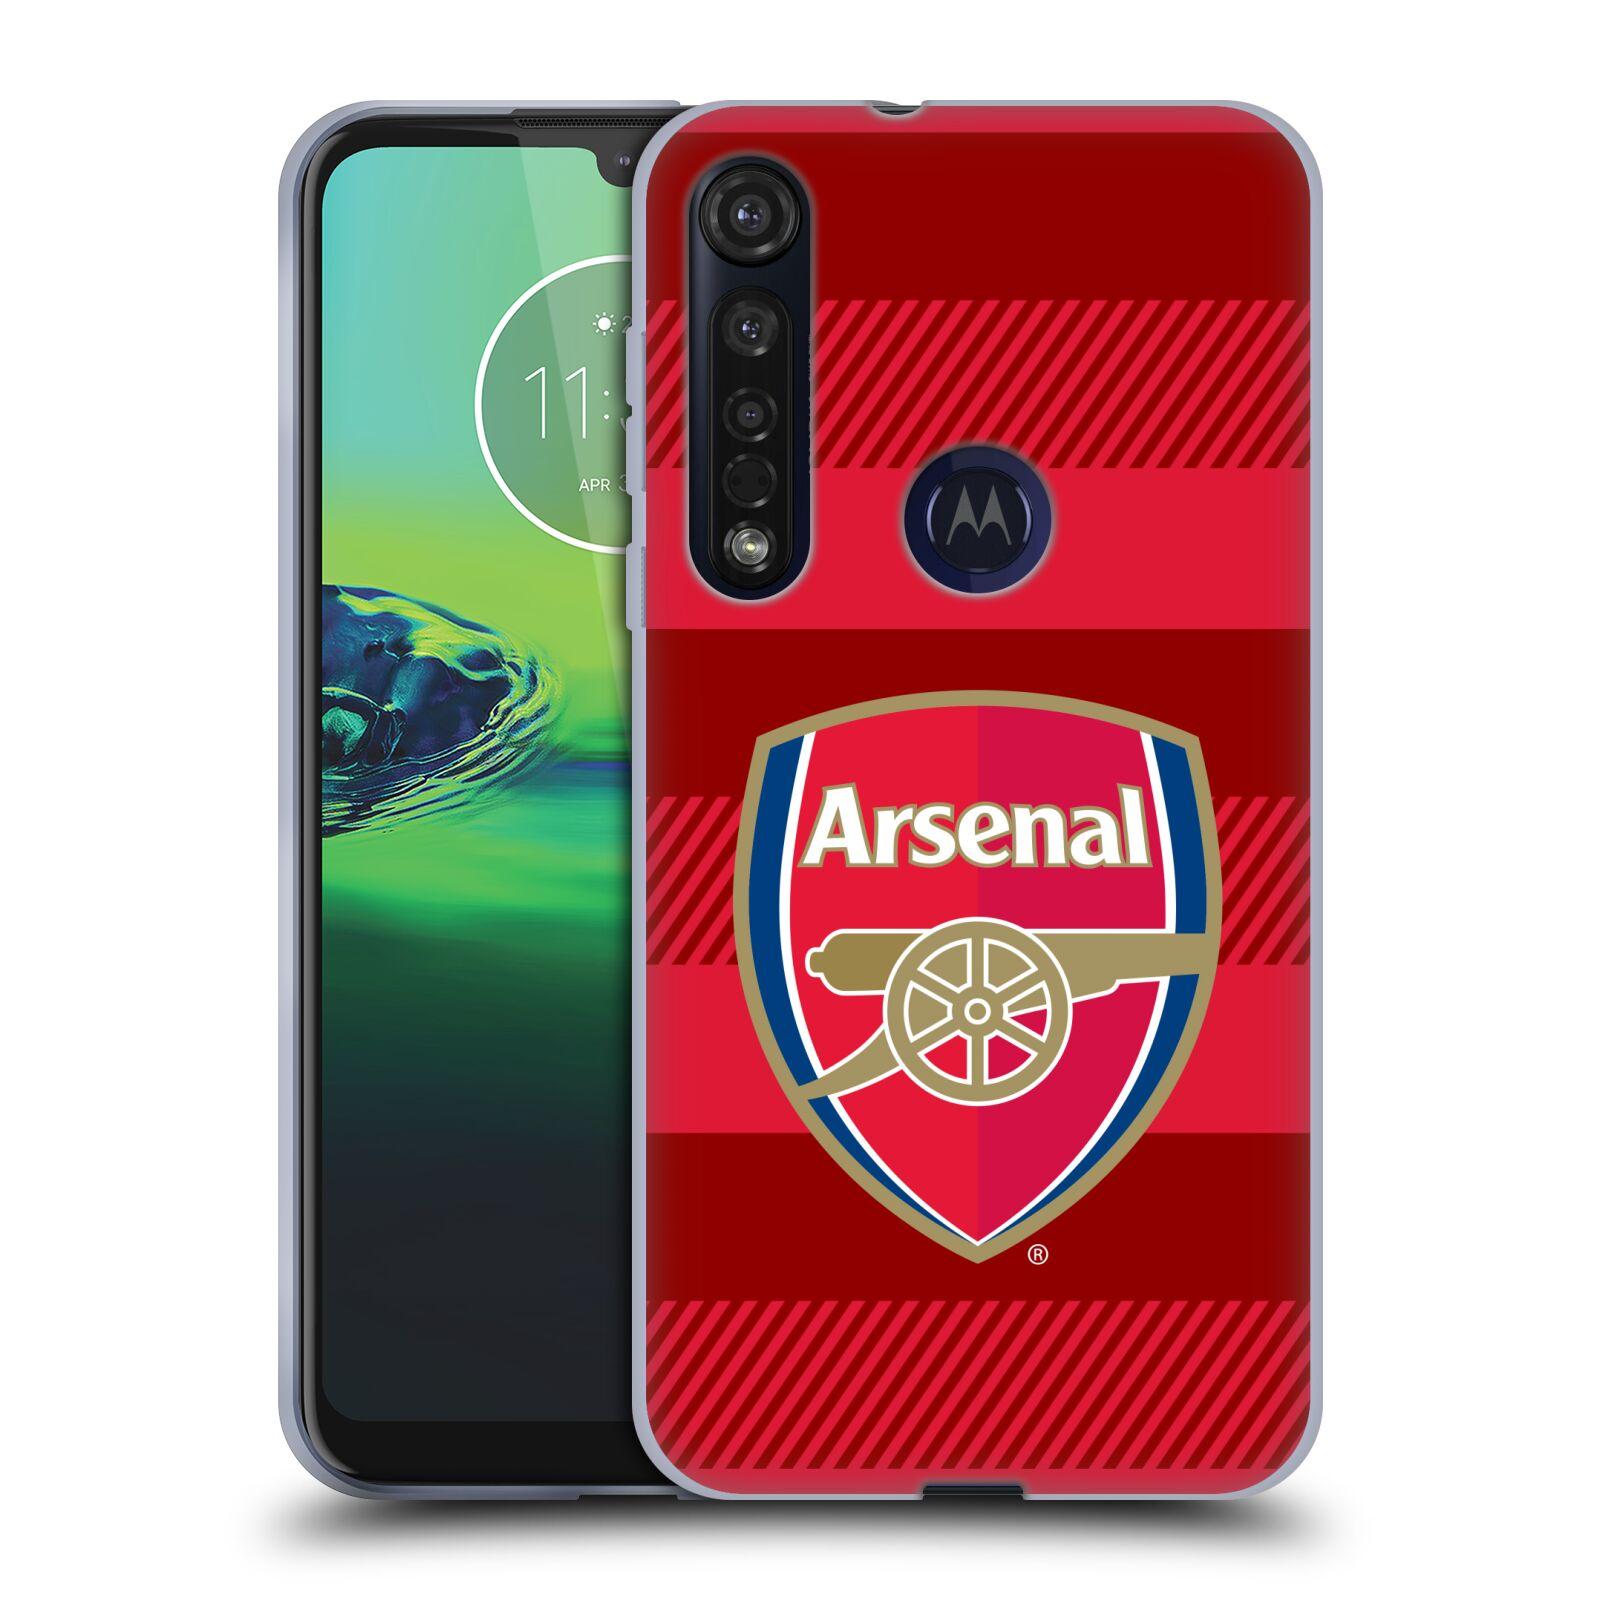 Silikonové pouzdro na mobil Motorola Moto G8 Plus - Head Case - Arsenal FC - Logo s pruhy